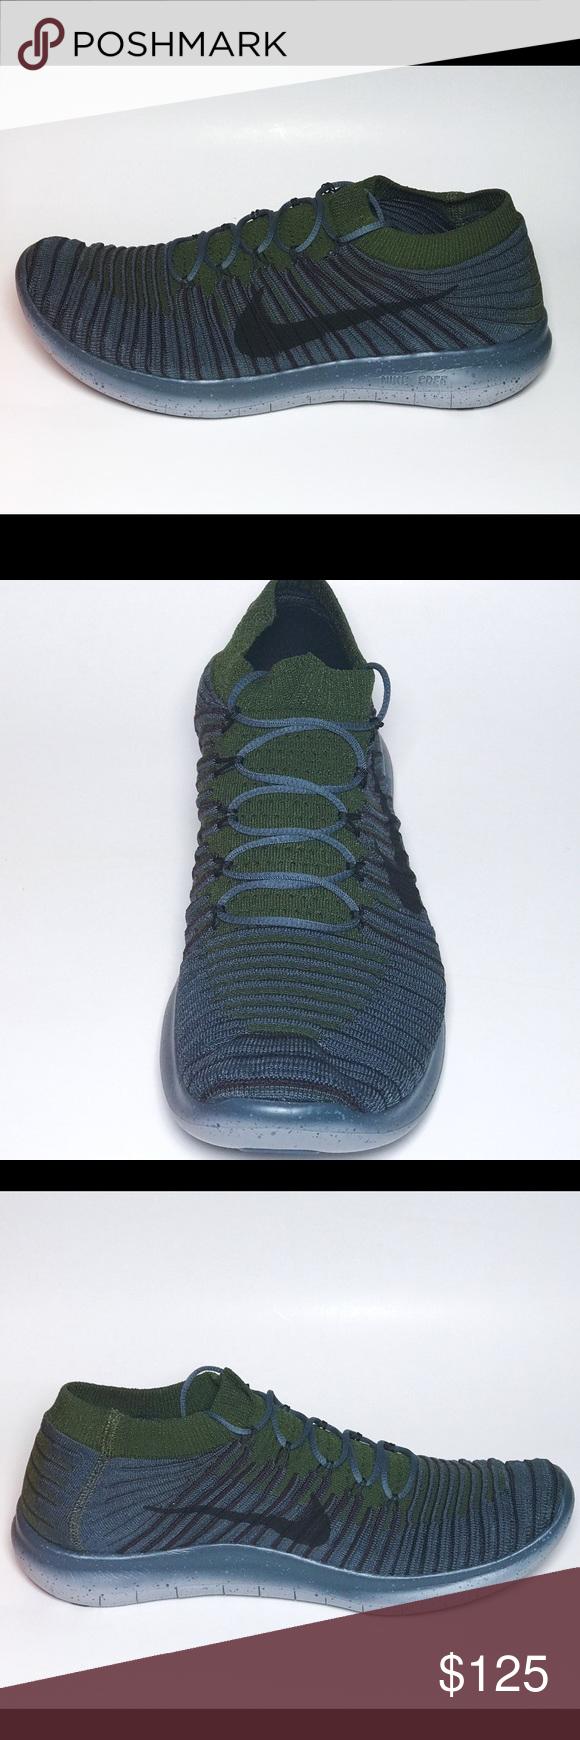 Nike Free RN Motion Flyknit Running 834584-403 Nike Free RN Motion Flyknit  Blue Fox